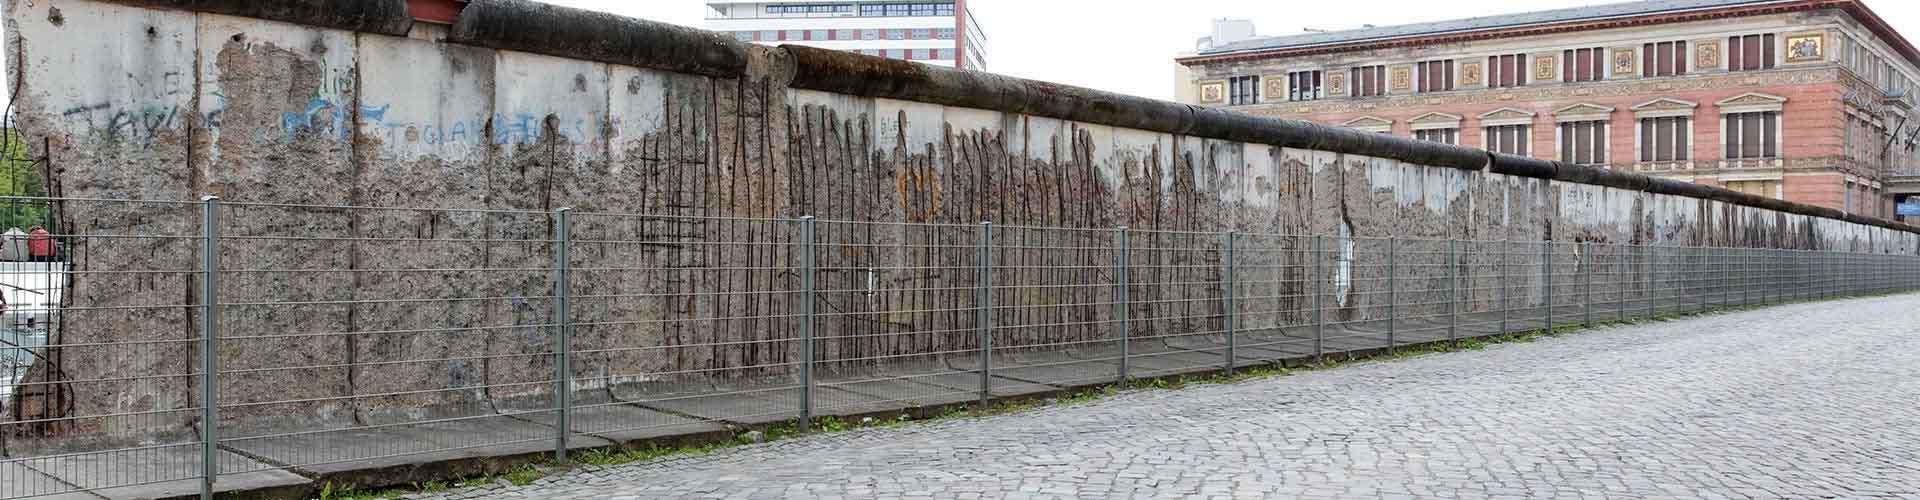 베를린 - 베를린 장벽에 가까운 아파트. 베를린의 지도, 베를린에 위치한 아파트에 대한 사진 및 리뷰.